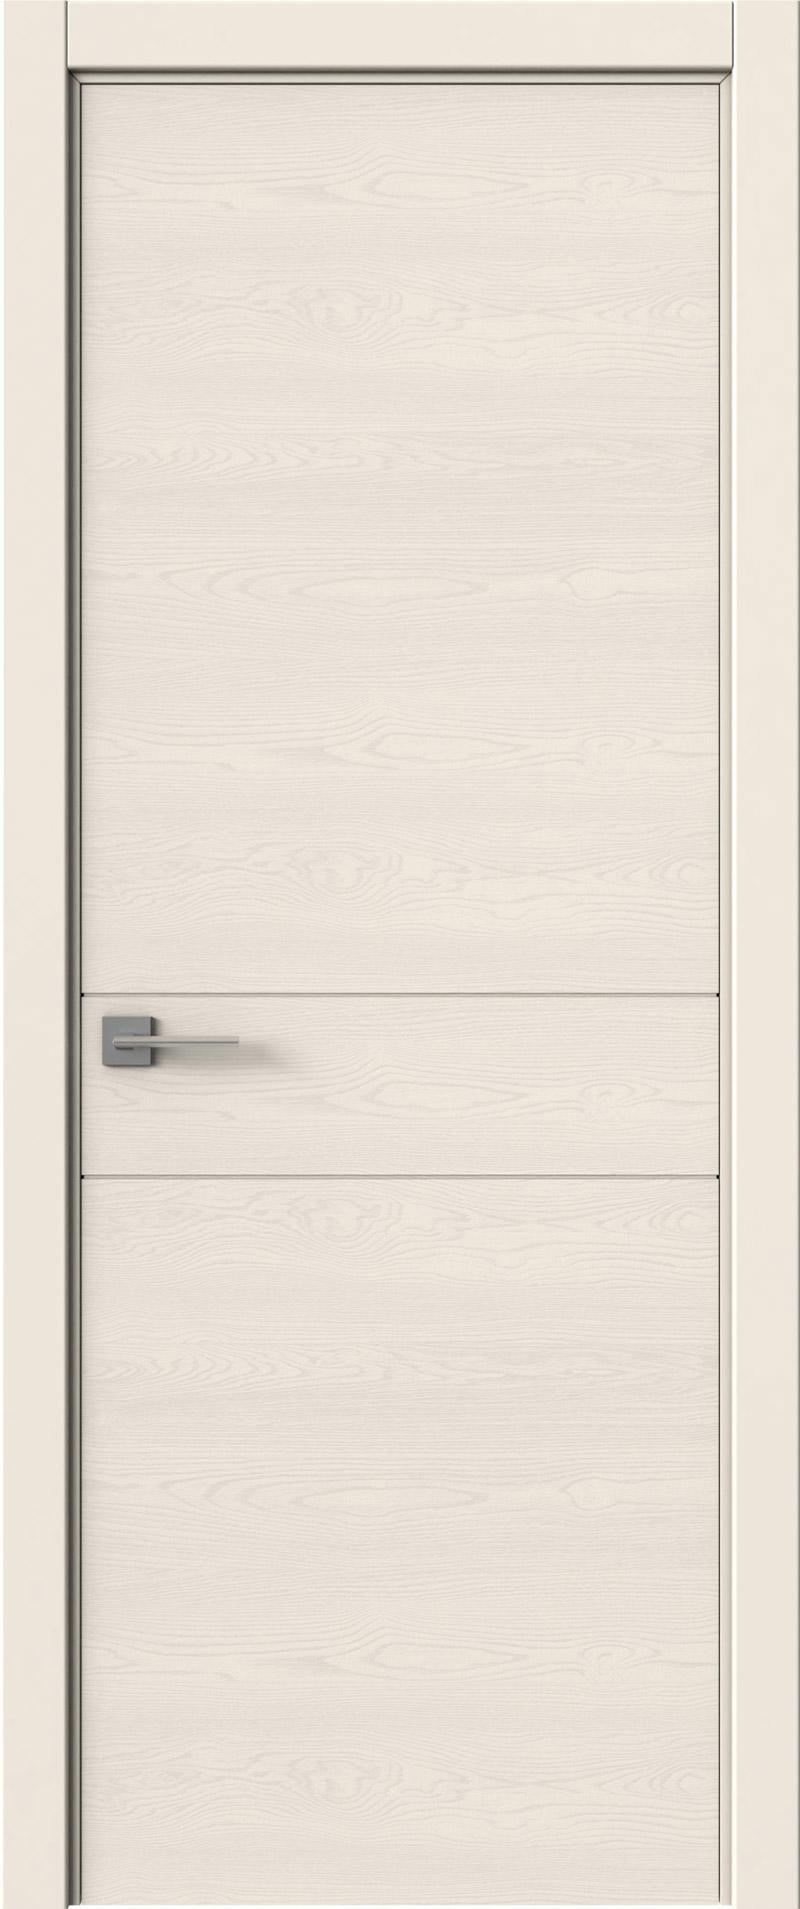 Tivoli И-2 цвет - Бежевая эмаль по шпону (RAL 9010) Без стекла (ДГ)